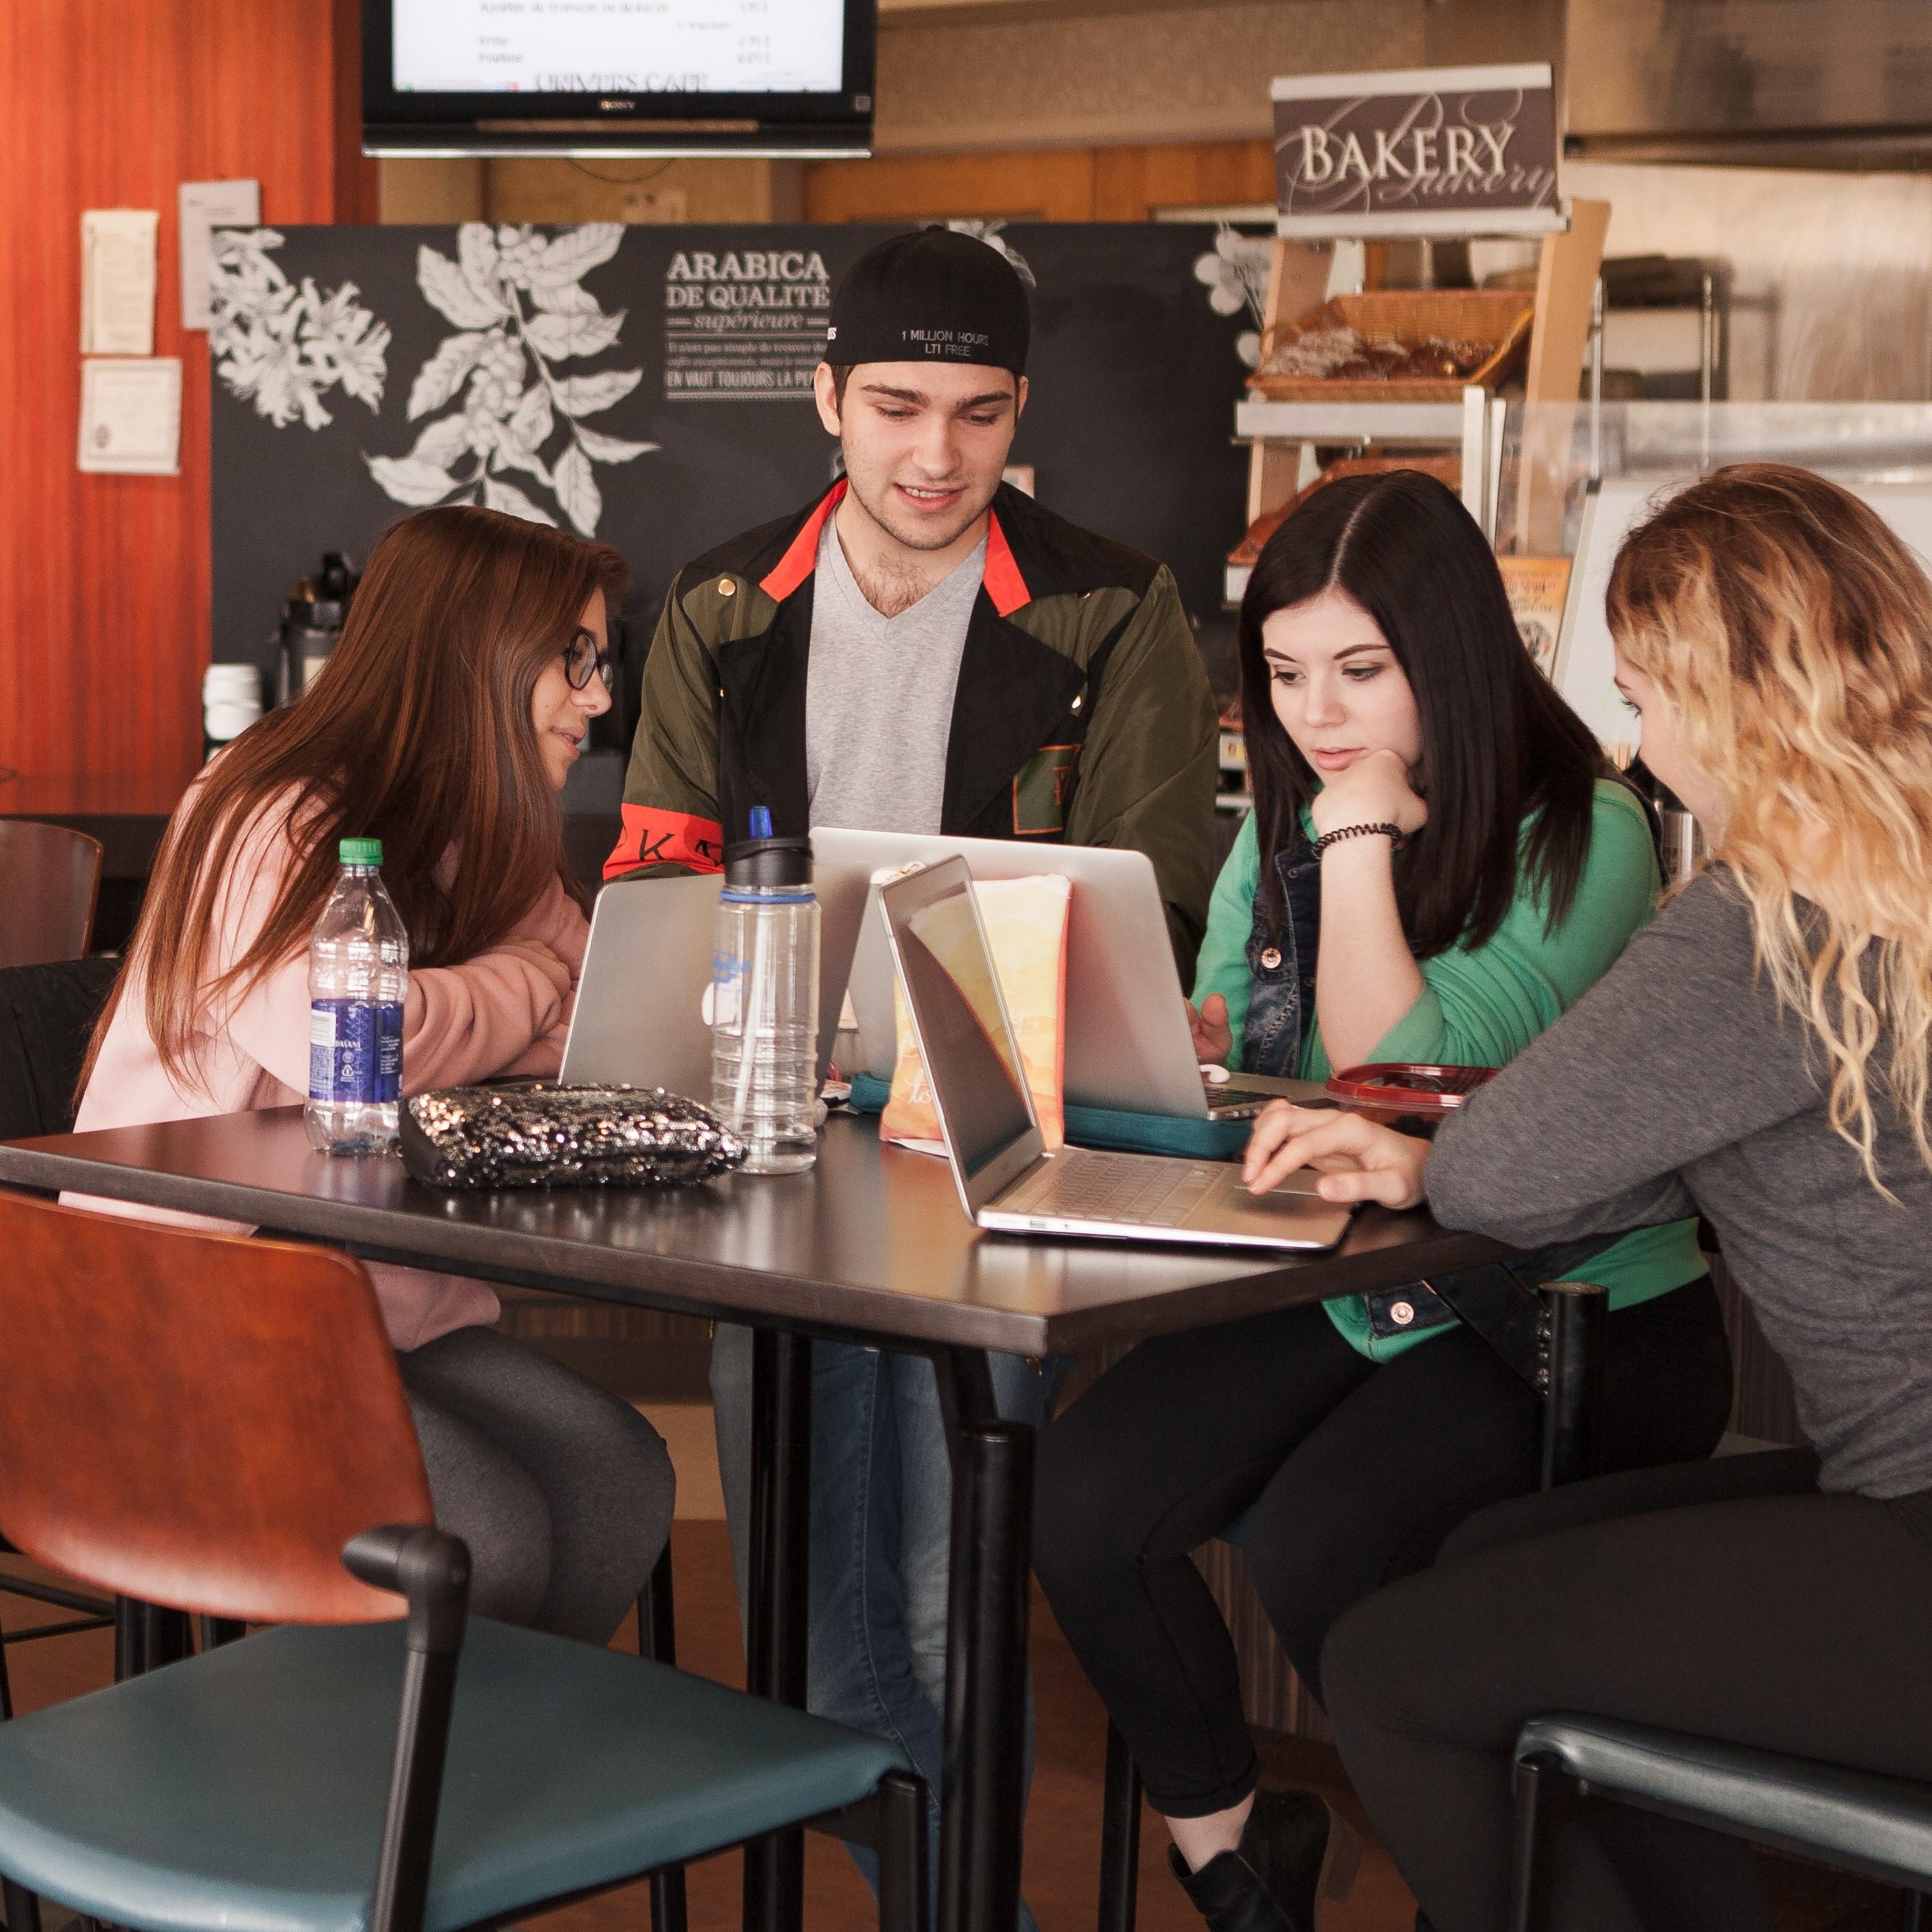 salon-etudiant-cafeteria-etudier-social-carre.jpg